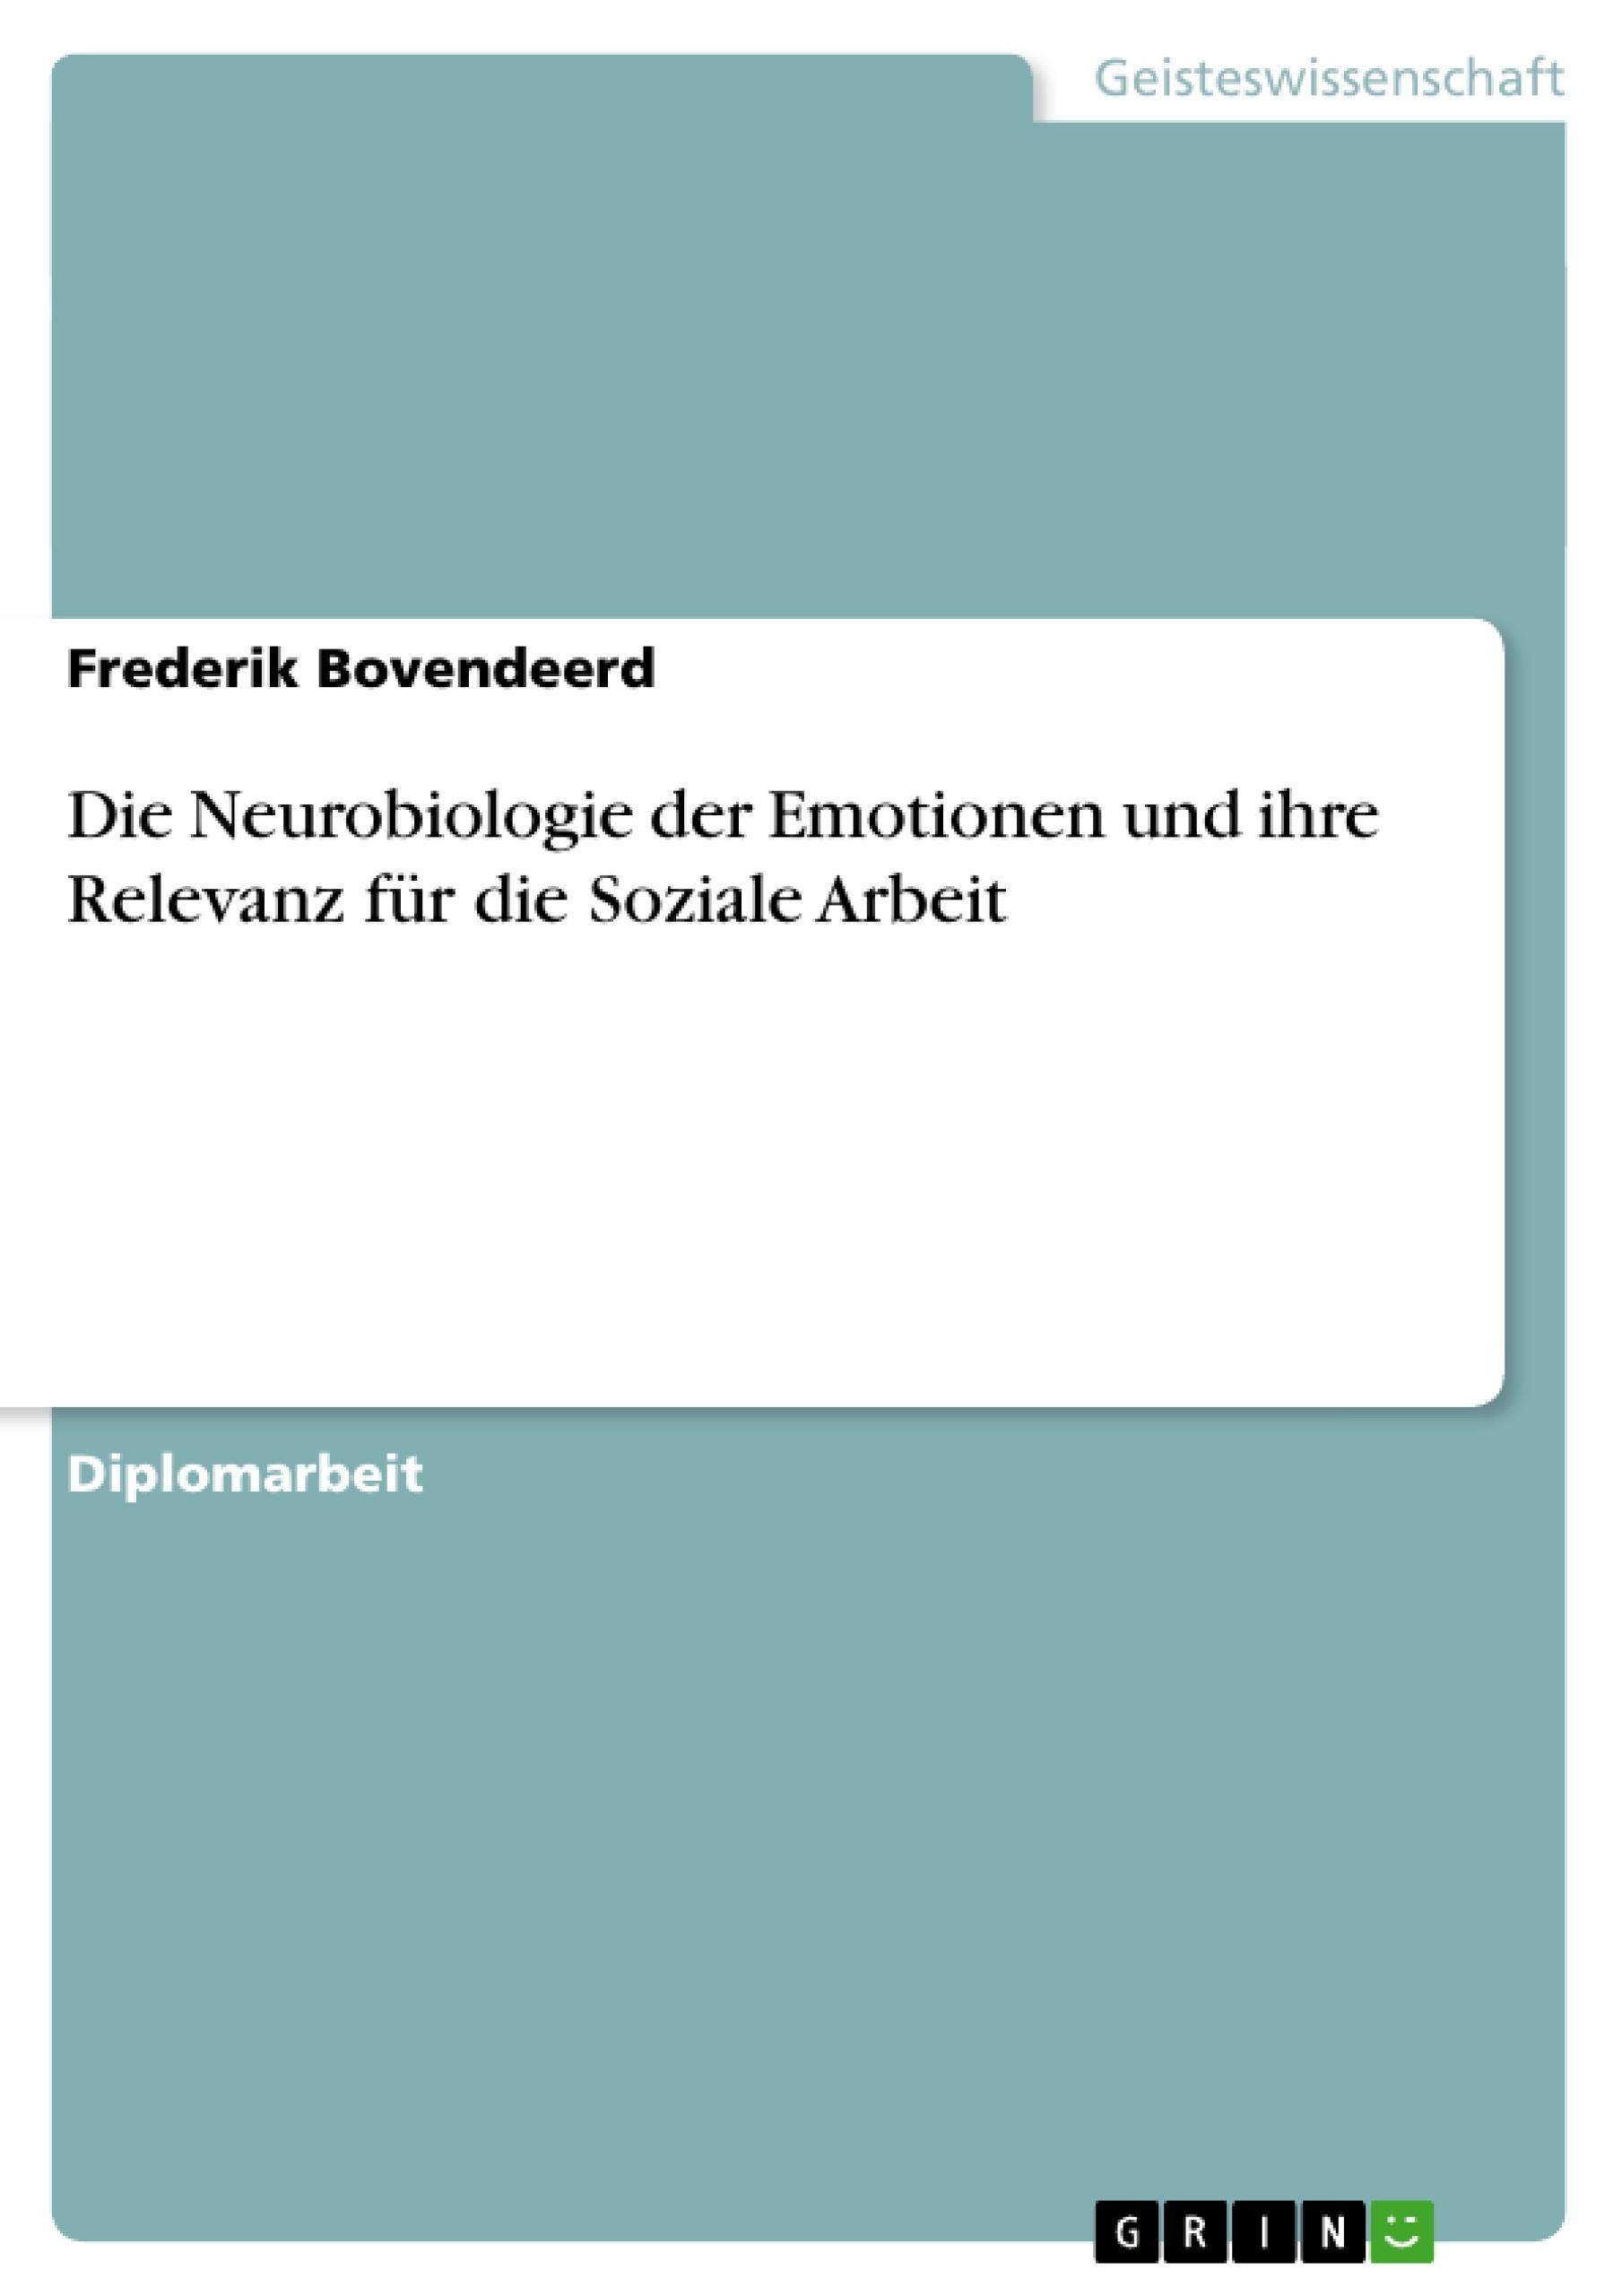 Titel: Die Neurobiologie der Emotionen und ihre Relevanz für die Soziale Arbeit